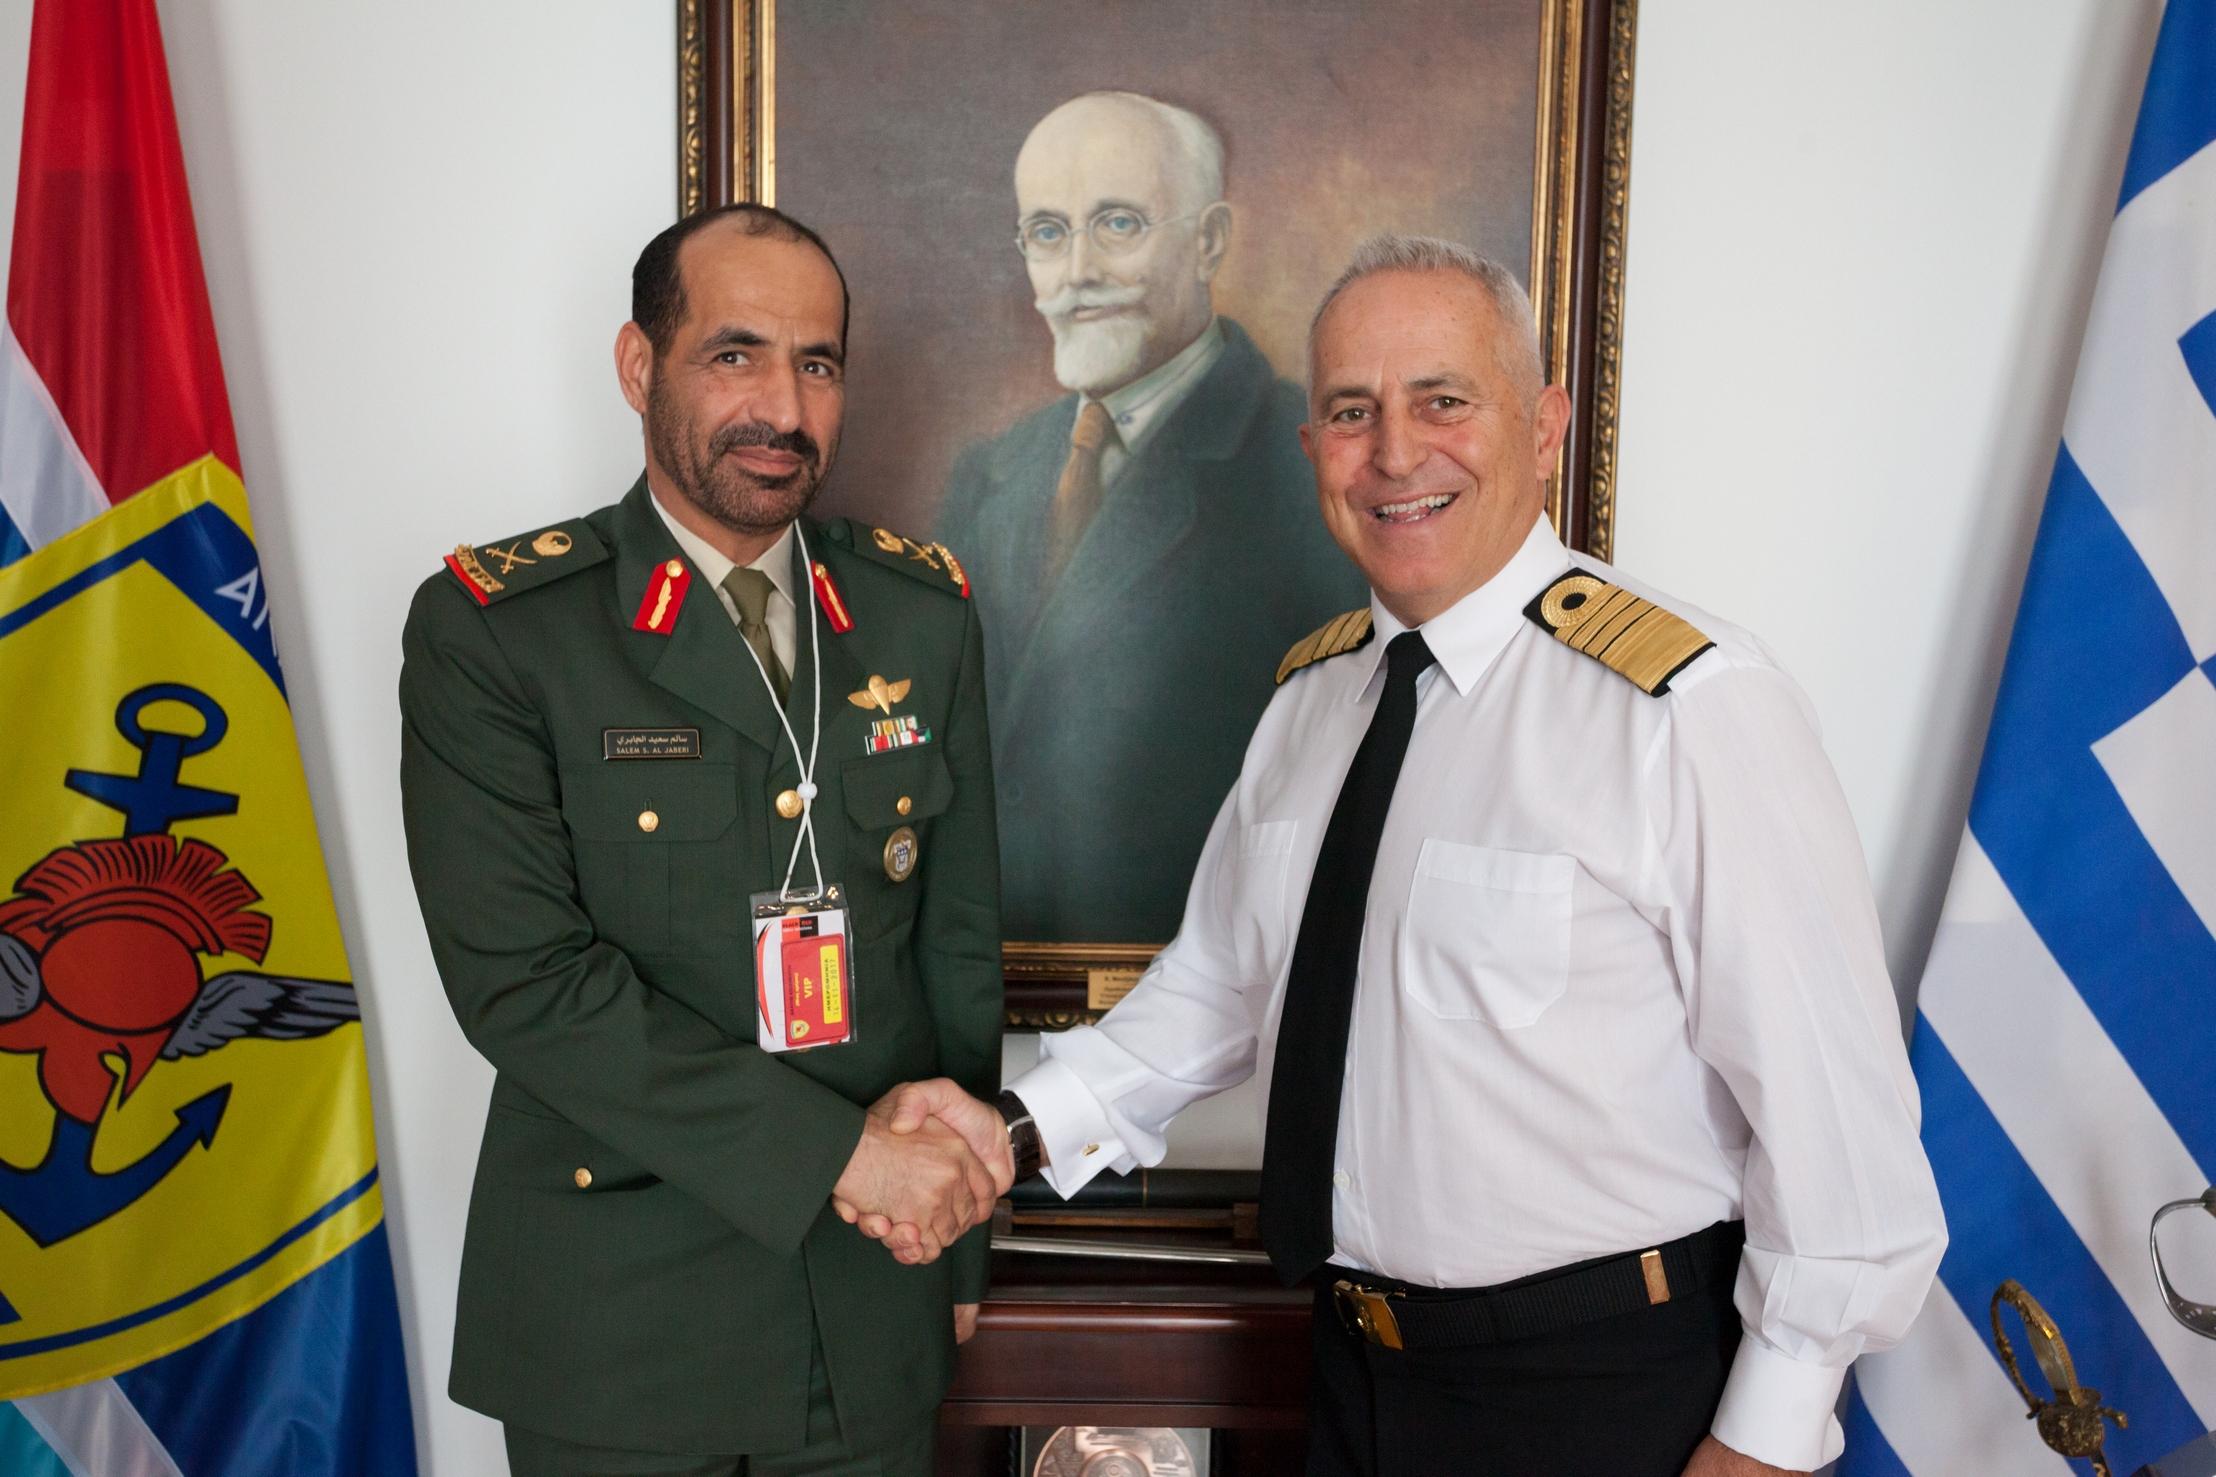 Υπογραφή Στρατιωτικής Συνεργασίας με τα ΗΑΕ!